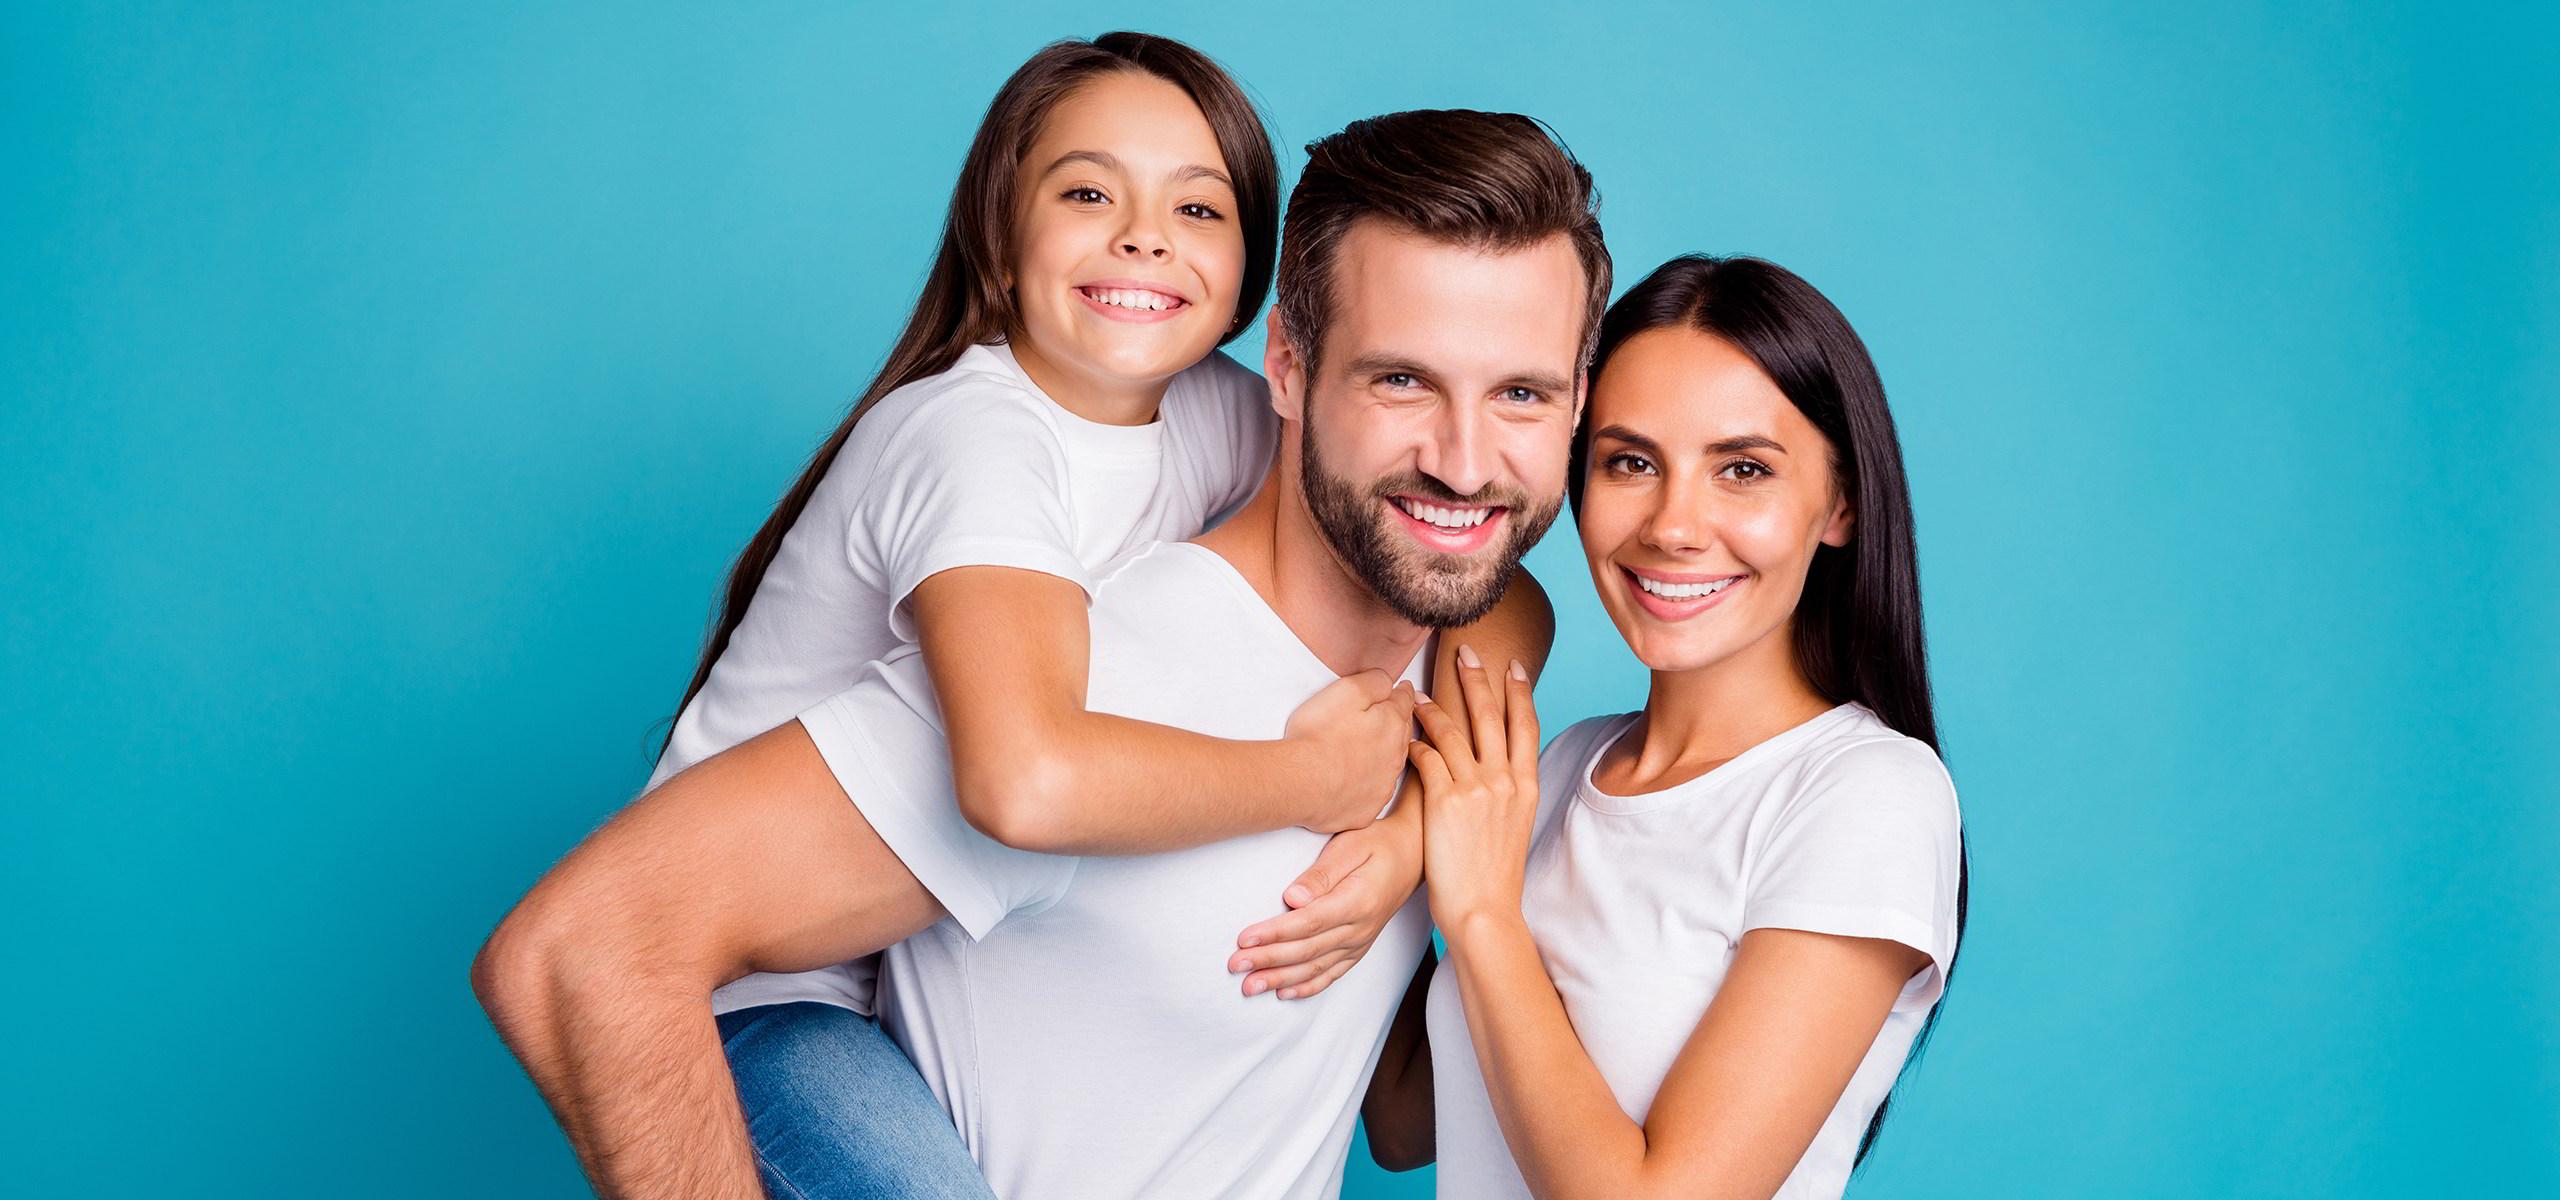 Pachete de prevenție a sănătății de la MedLife Genesys